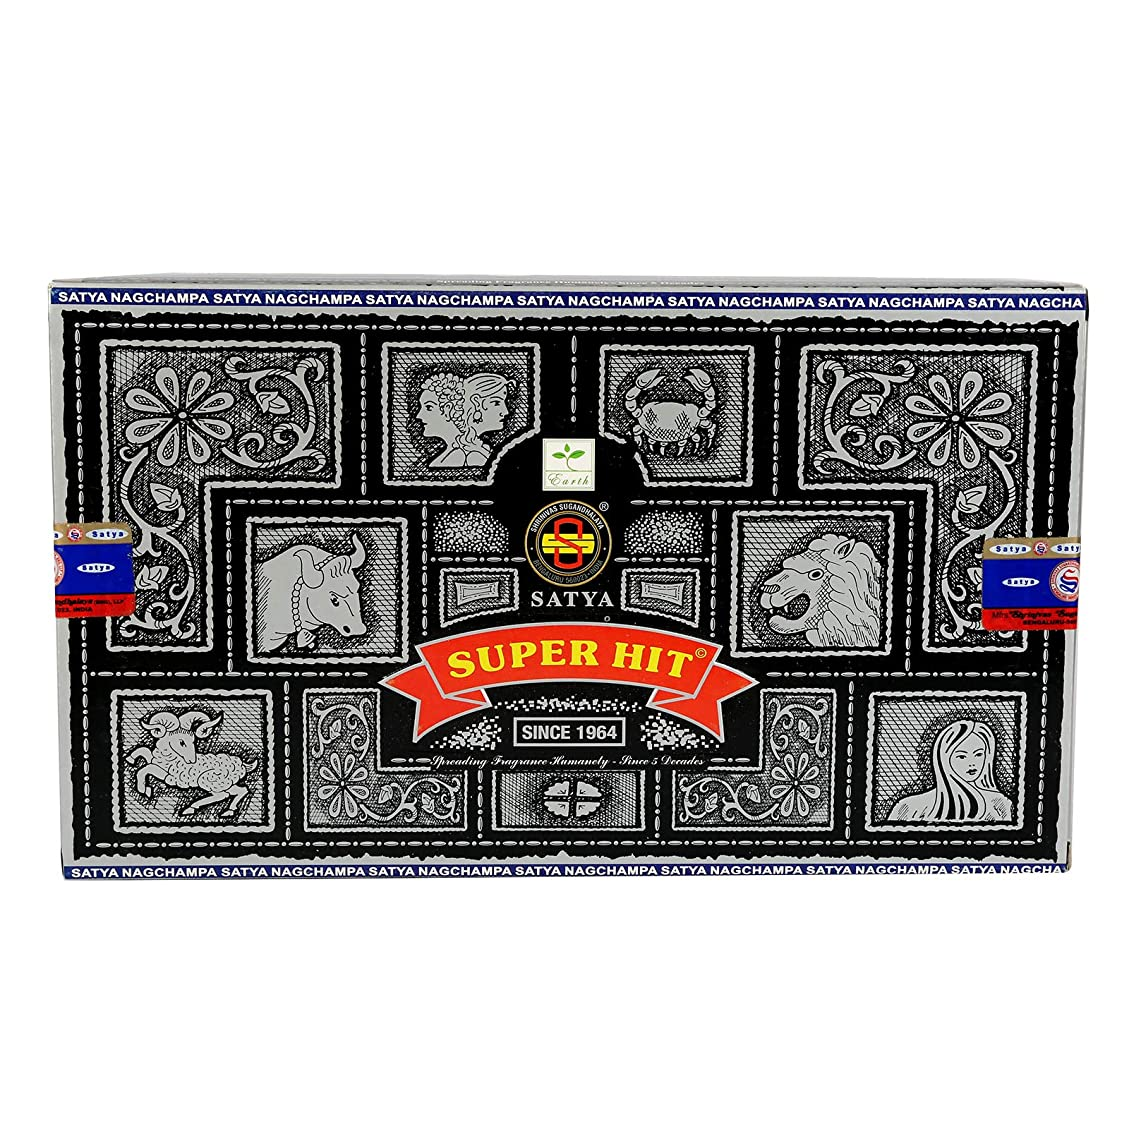 会話るトラフCRAFTSTRIBE Satya Sai Baba オリジナルお香 ハンドメイド マサラ アガーバティ Pack of 12 Pcs CT-INS-09